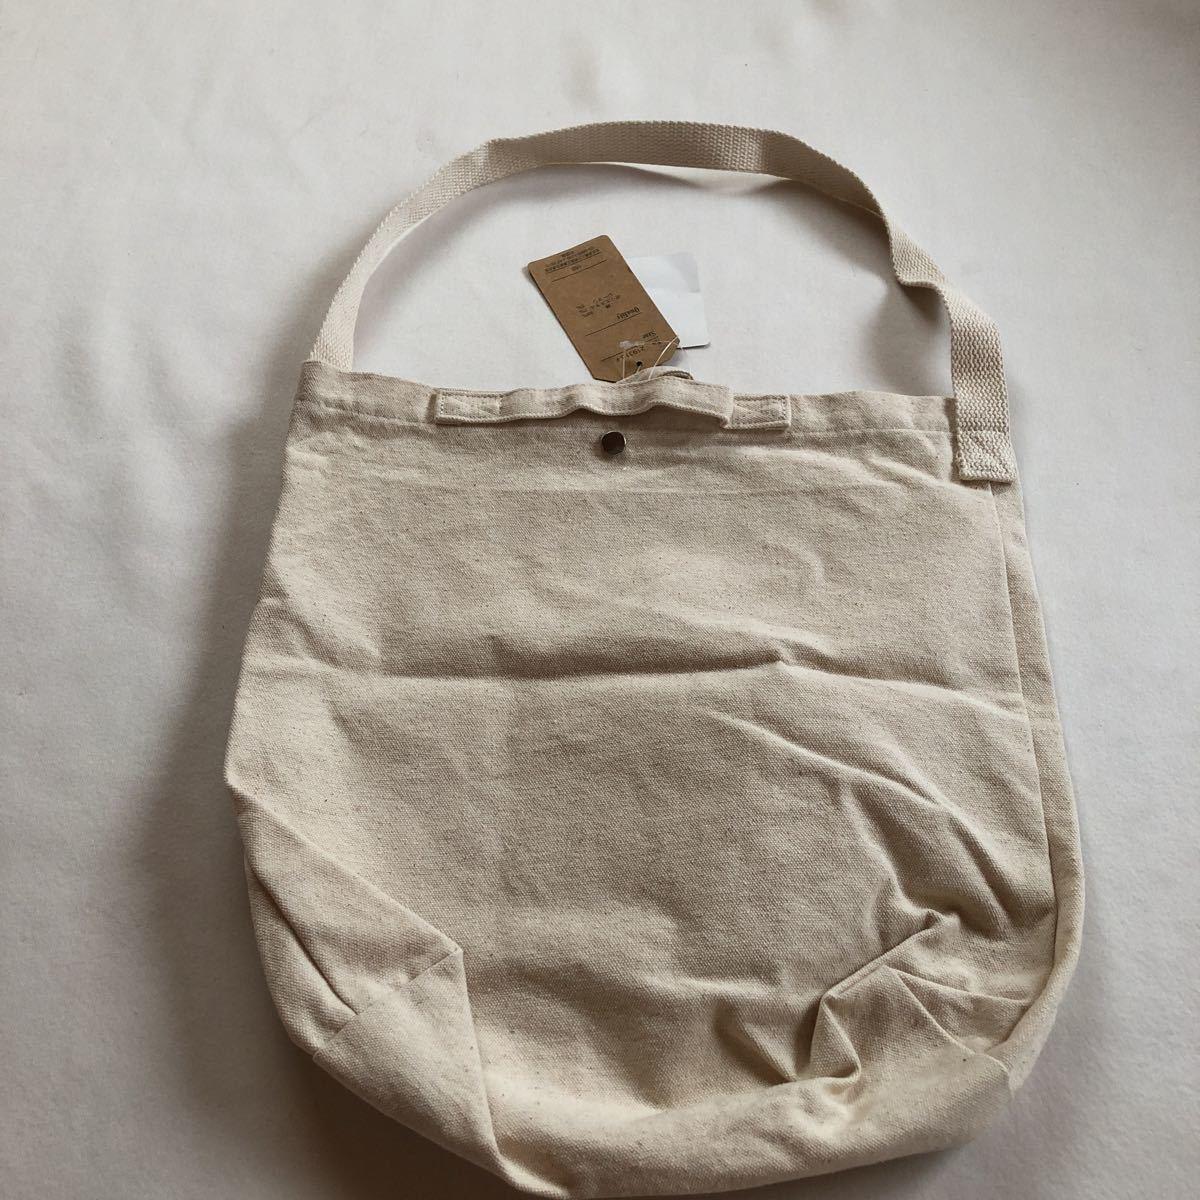 トートバッグ 肩掛けバッグ 鞄 バック かばん 新品 コットン カントリー sospita カバン エコバッグ 福袋もの _画像3